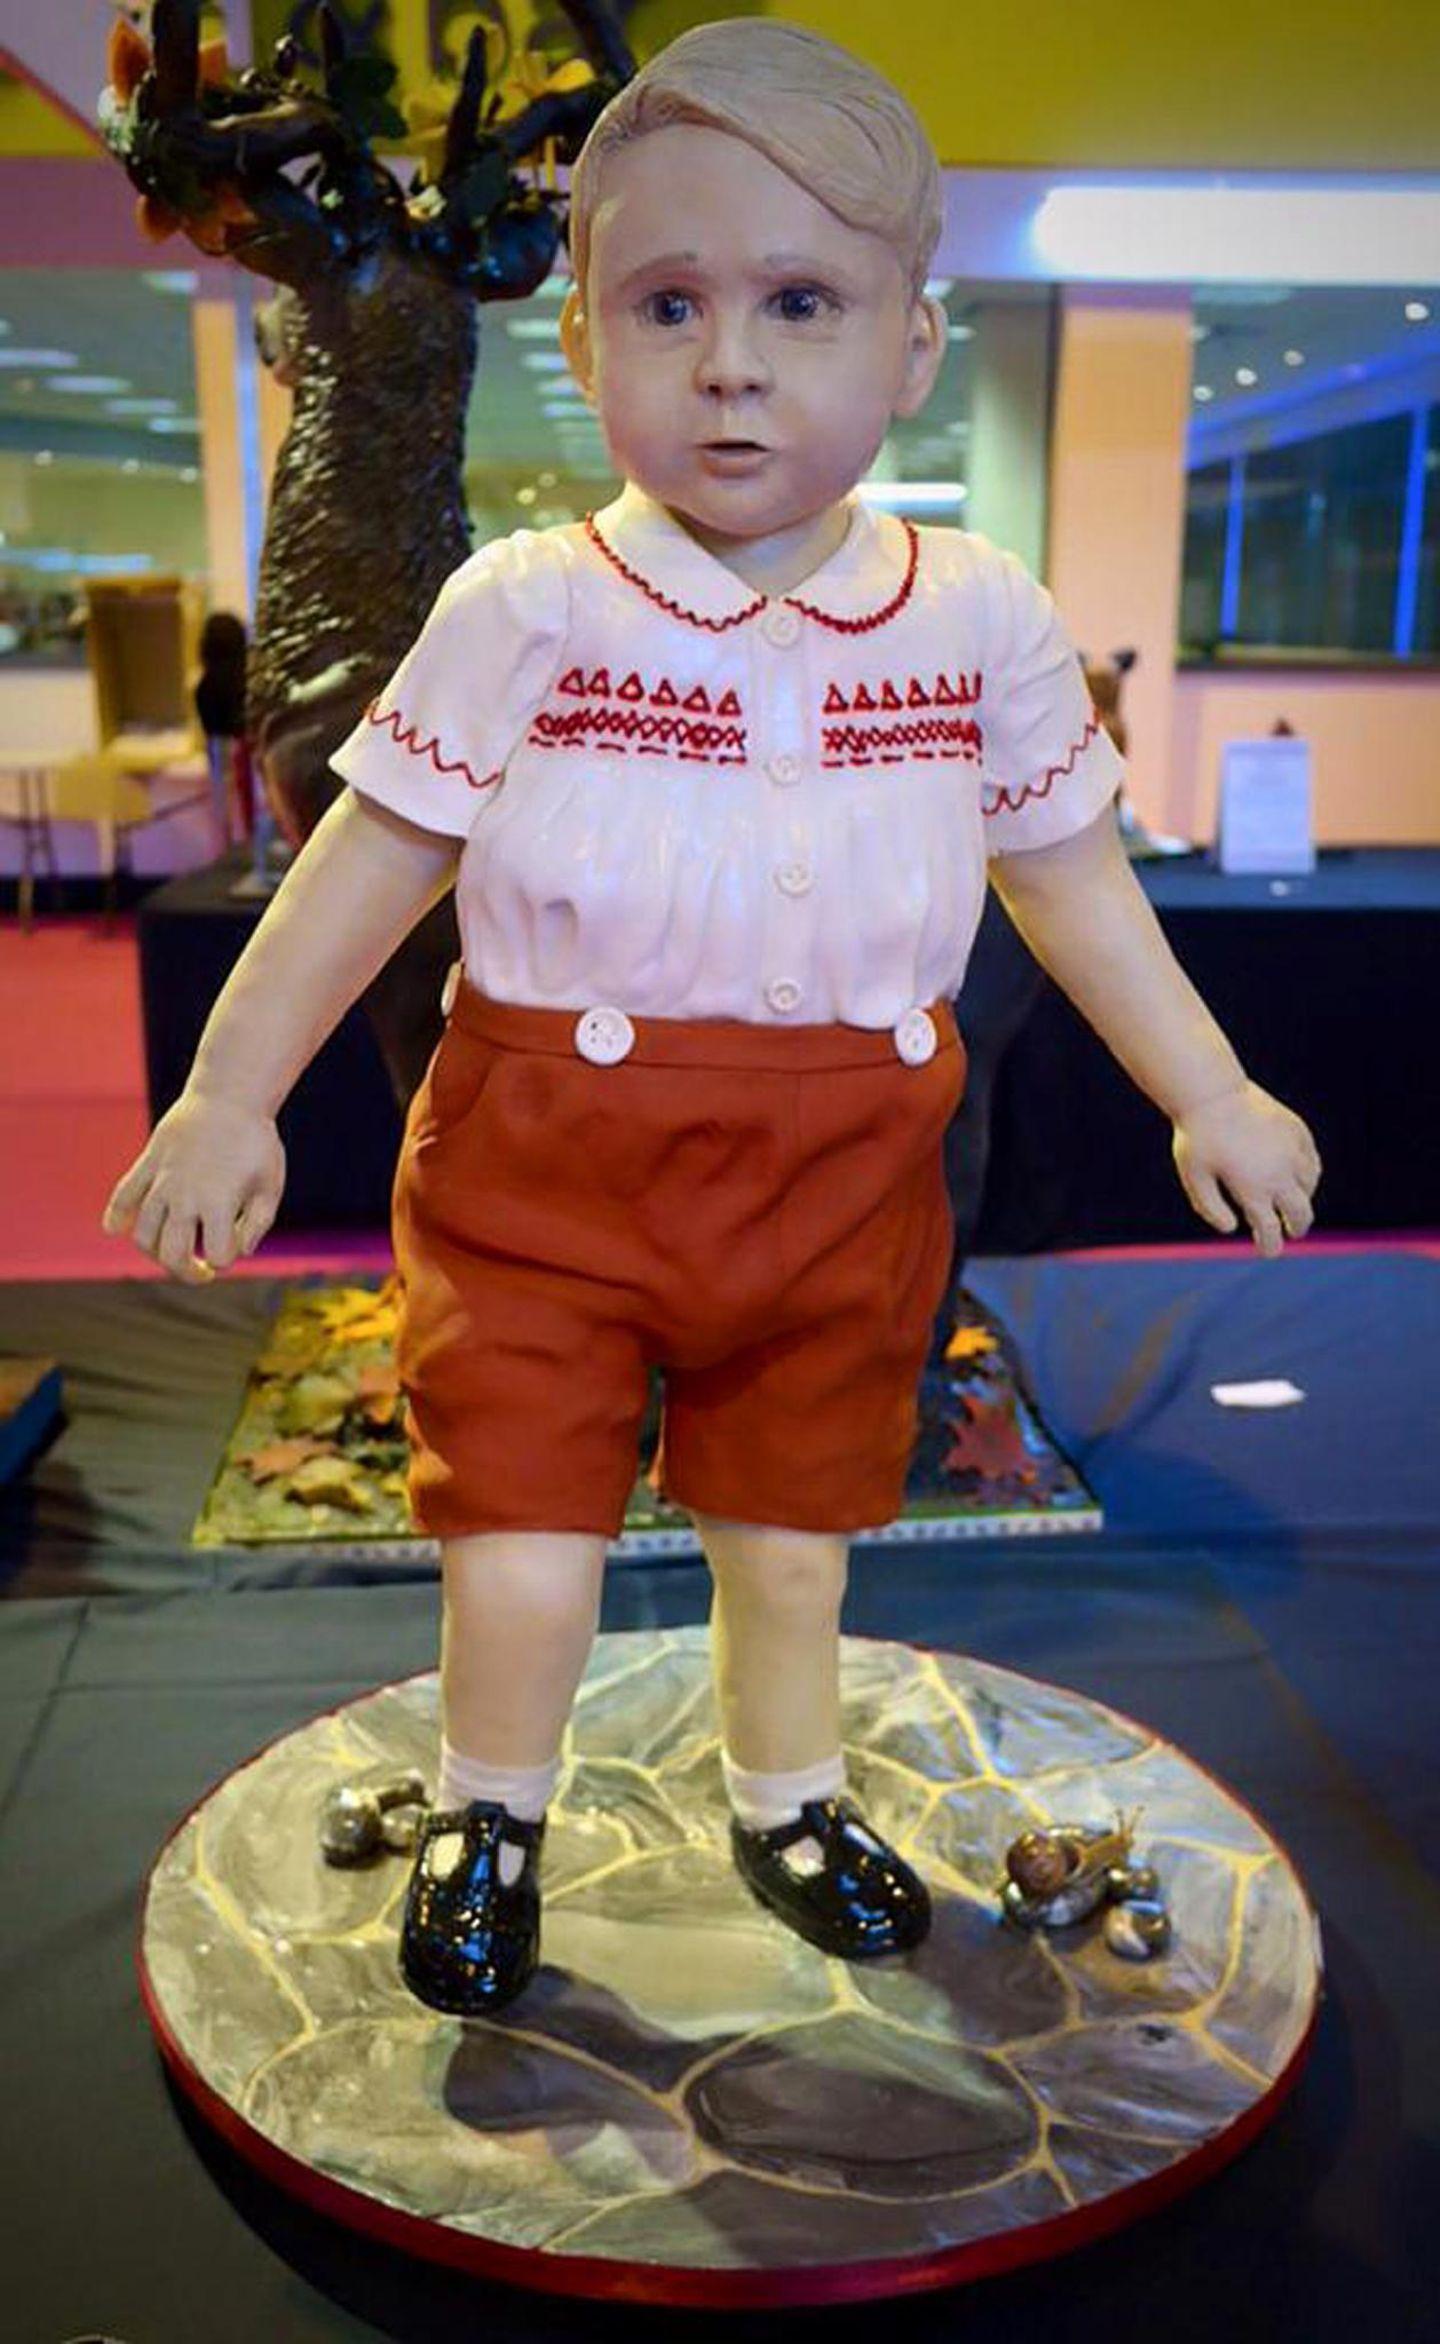 Wer meint, Prinz George kann nicht mehr süßer werden, hat ihn noch nicht als Kuchen gesehen. Beim internationalen Kuchenwettbewerb in Birmingham gewinnt die Bäckerin mit diesem Meisterwerk Gold.